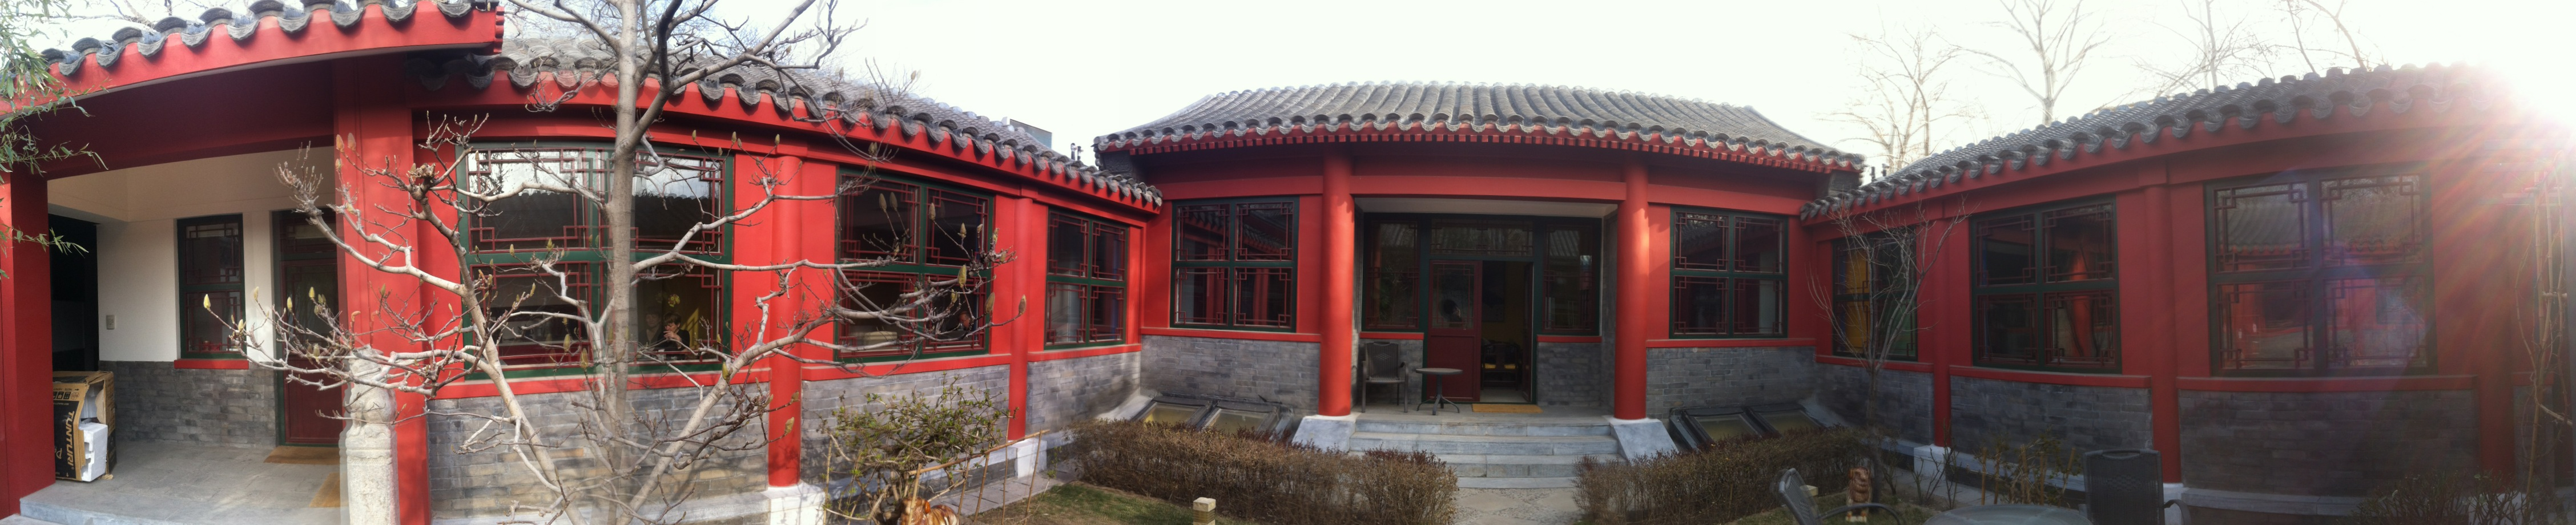 La maison de notre séjour à Pékin